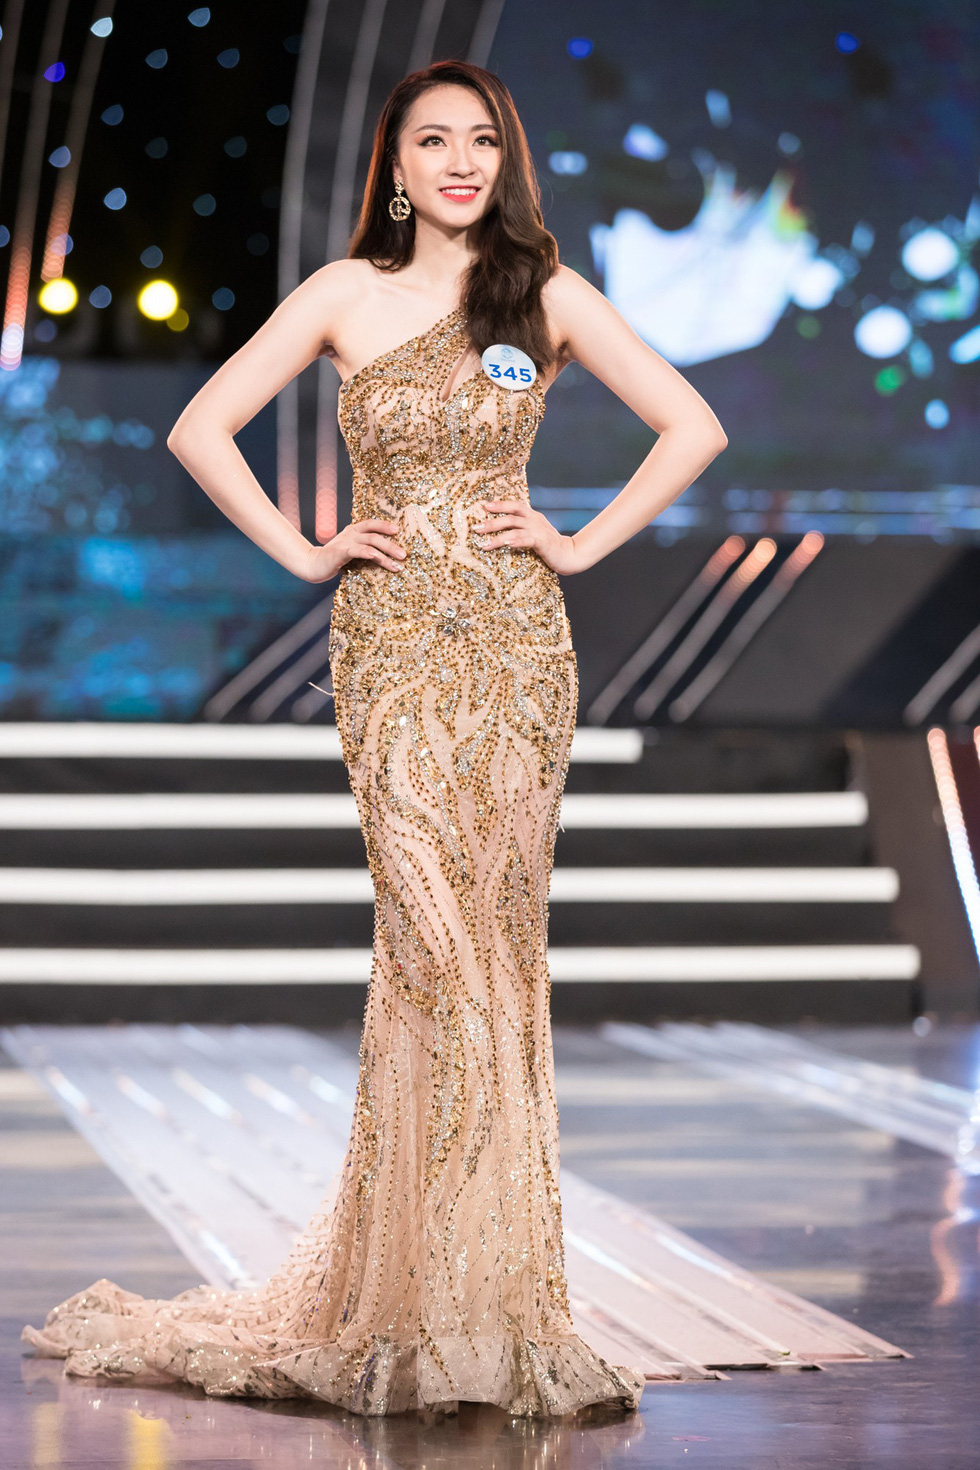 Nhan sắc 20 thí sinh đẹp nhất phía Bắc vào chung kết Miss World Việt Nam 2019 - Ảnh 7.